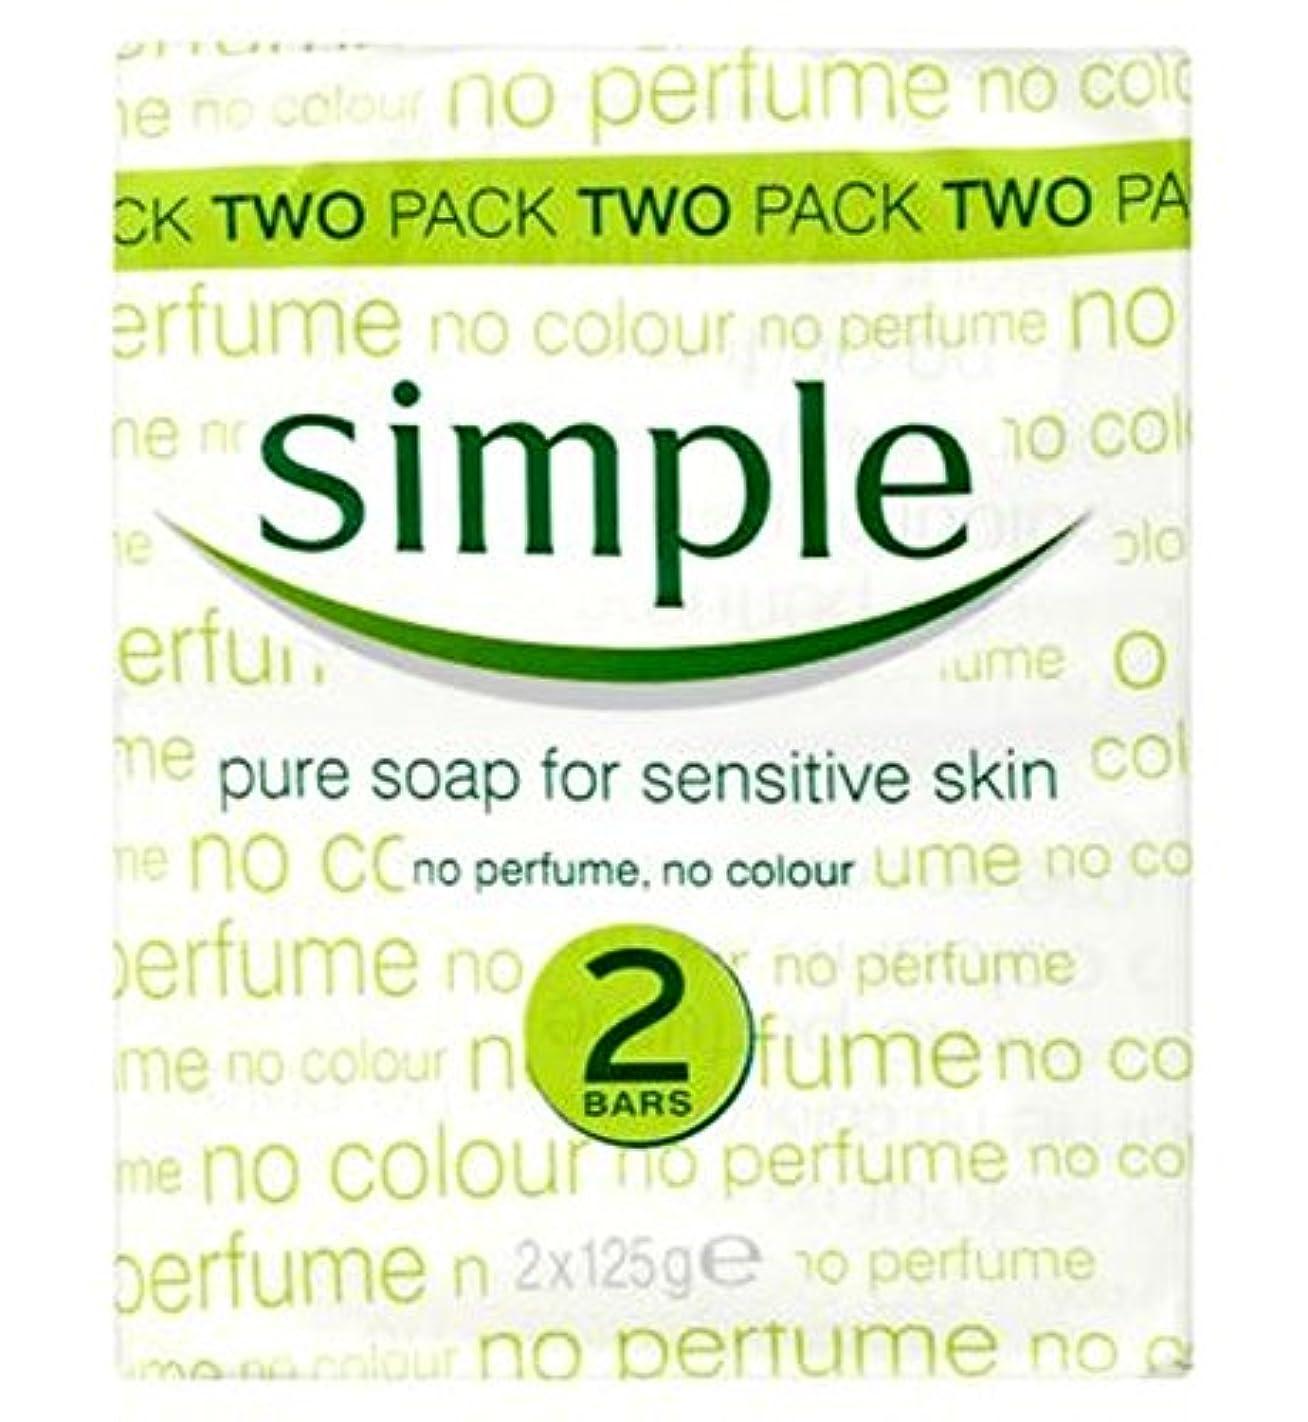 彼交換可能工夫するSimple Pure Soap Bar for Sensitive Skin 2 x 125g - 敏感肌2のX 125グラムのためのシンプルな、純粋な石鹸バー (Simple) [並行輸入品]